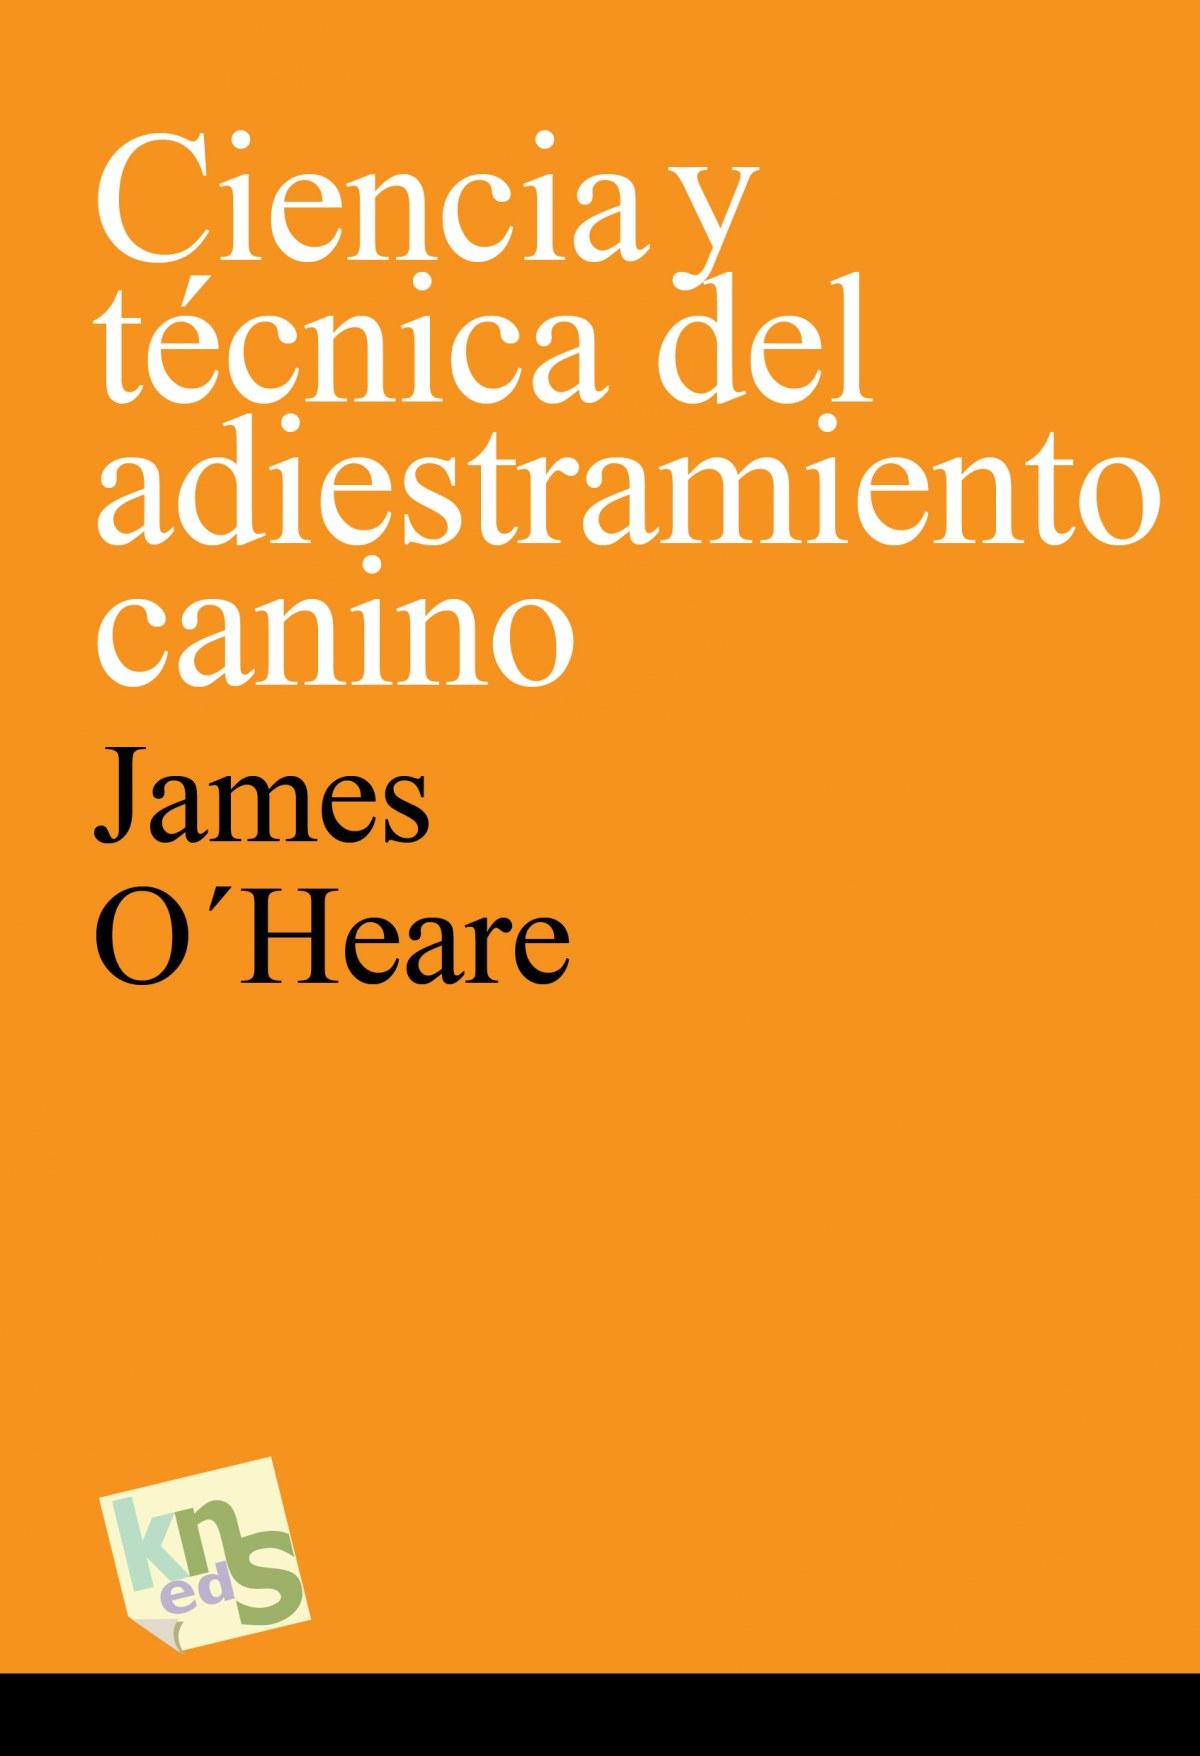 Ciencia y técnica del adiestramiento canino - O heare, James